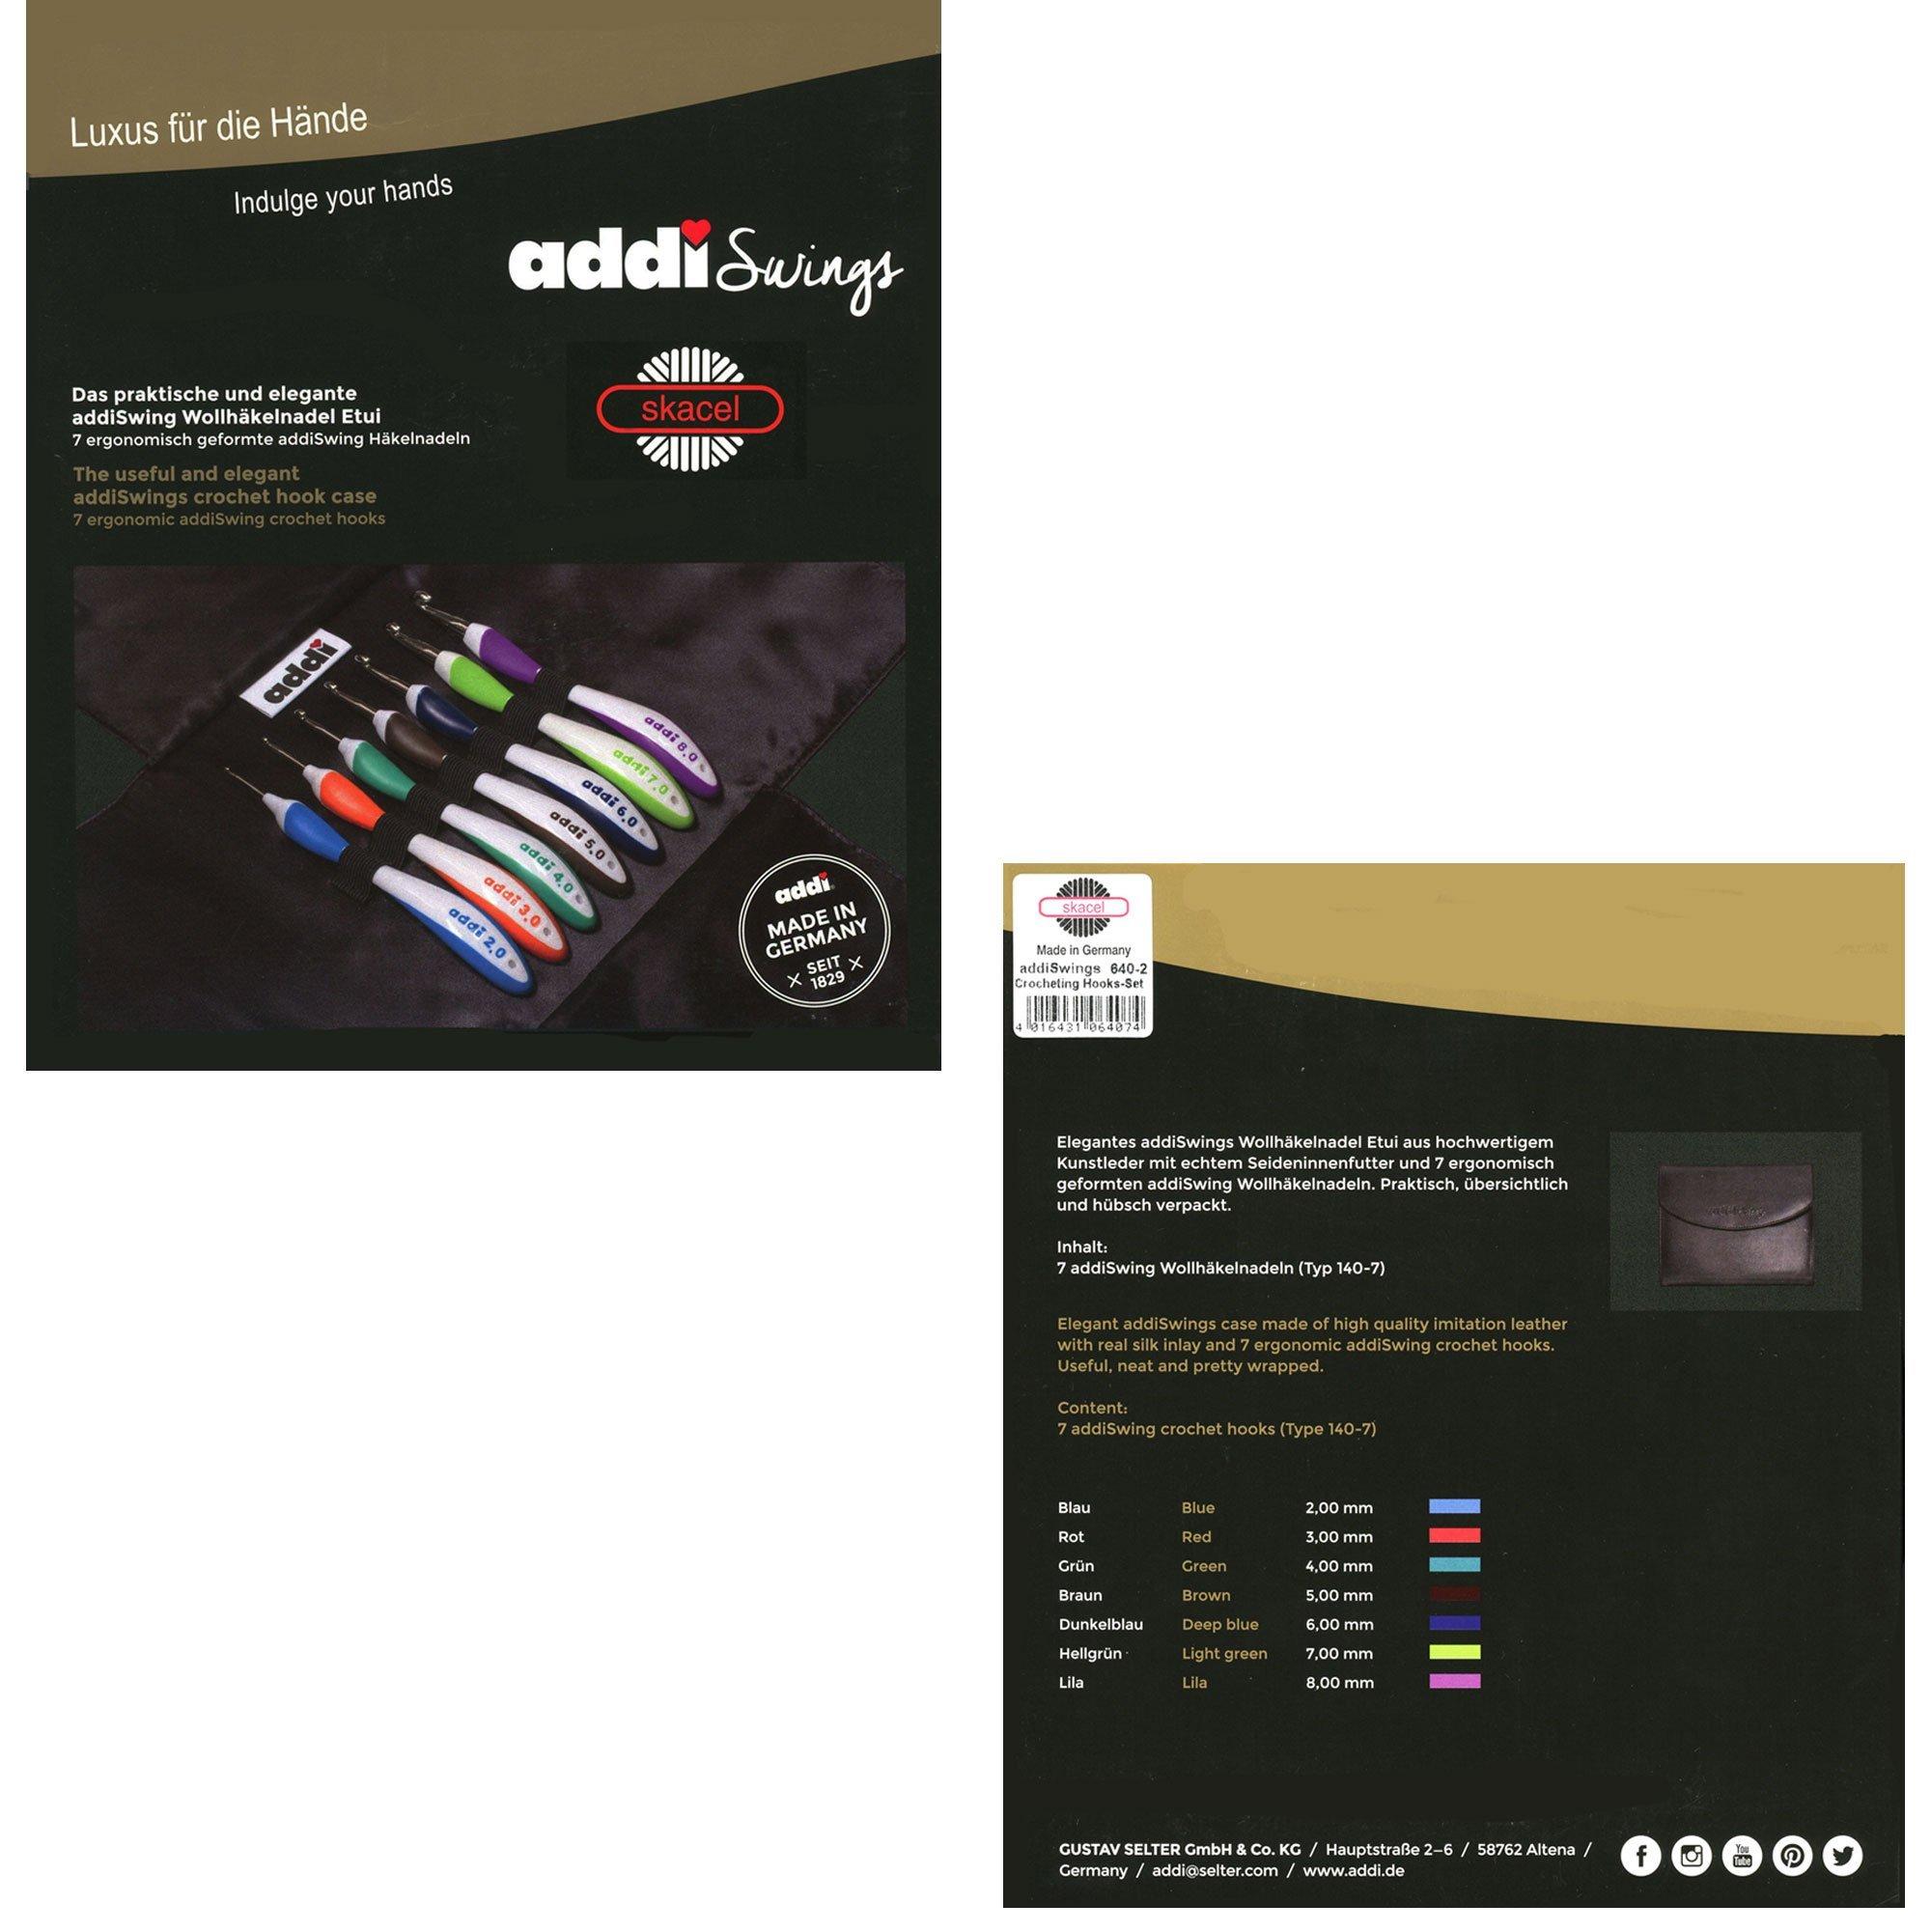 addi Crochet Hook Swing Standard Set Bundle with 1 Artsiga Crafts Project Bag by Addi Knitting Needles (Image #4)